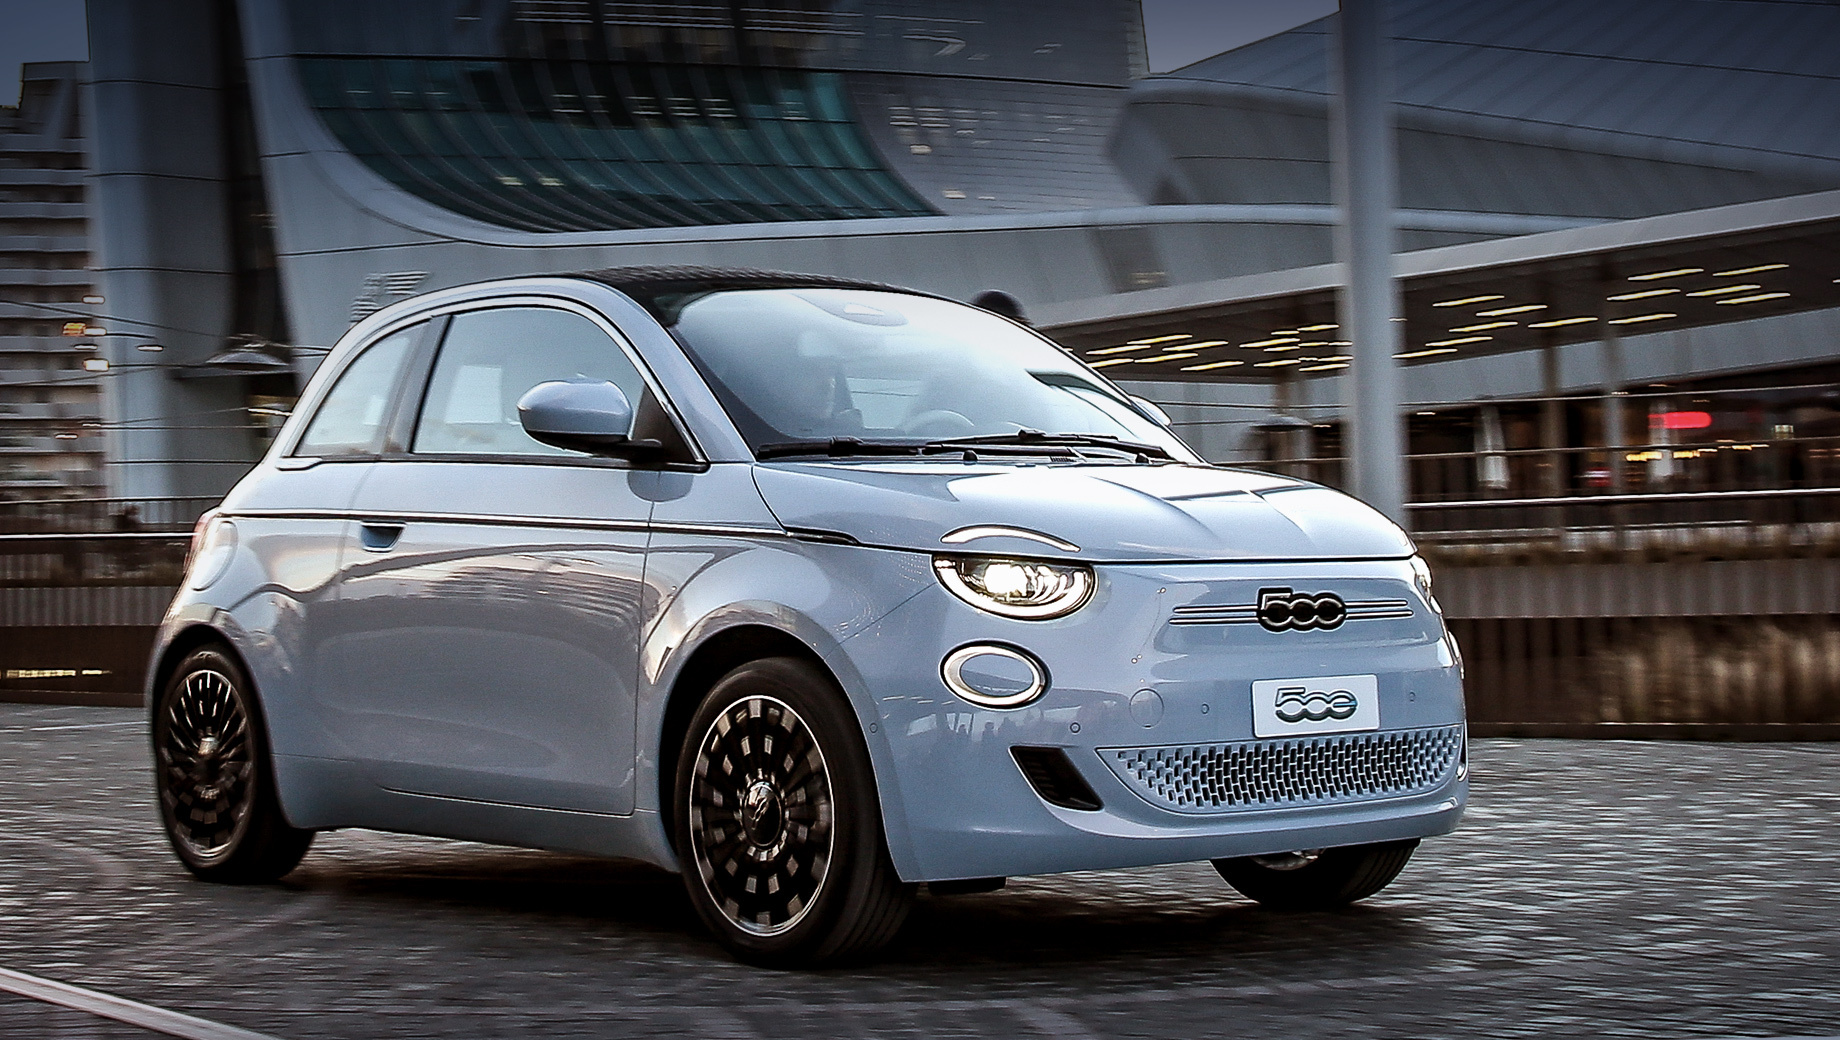 Fiat 500,Fiat 500e. Вместо логотипа Фиата на носу размещён знак «500», зато на корме появилась крупная надпись «FIAT». Фронтальная оптика на светодиодах повторяет обычный «пятисотый», однако кольца ходовых огней «заходят» на капот. Воздуховоды из «решётки» убраны, передний бампер новый.